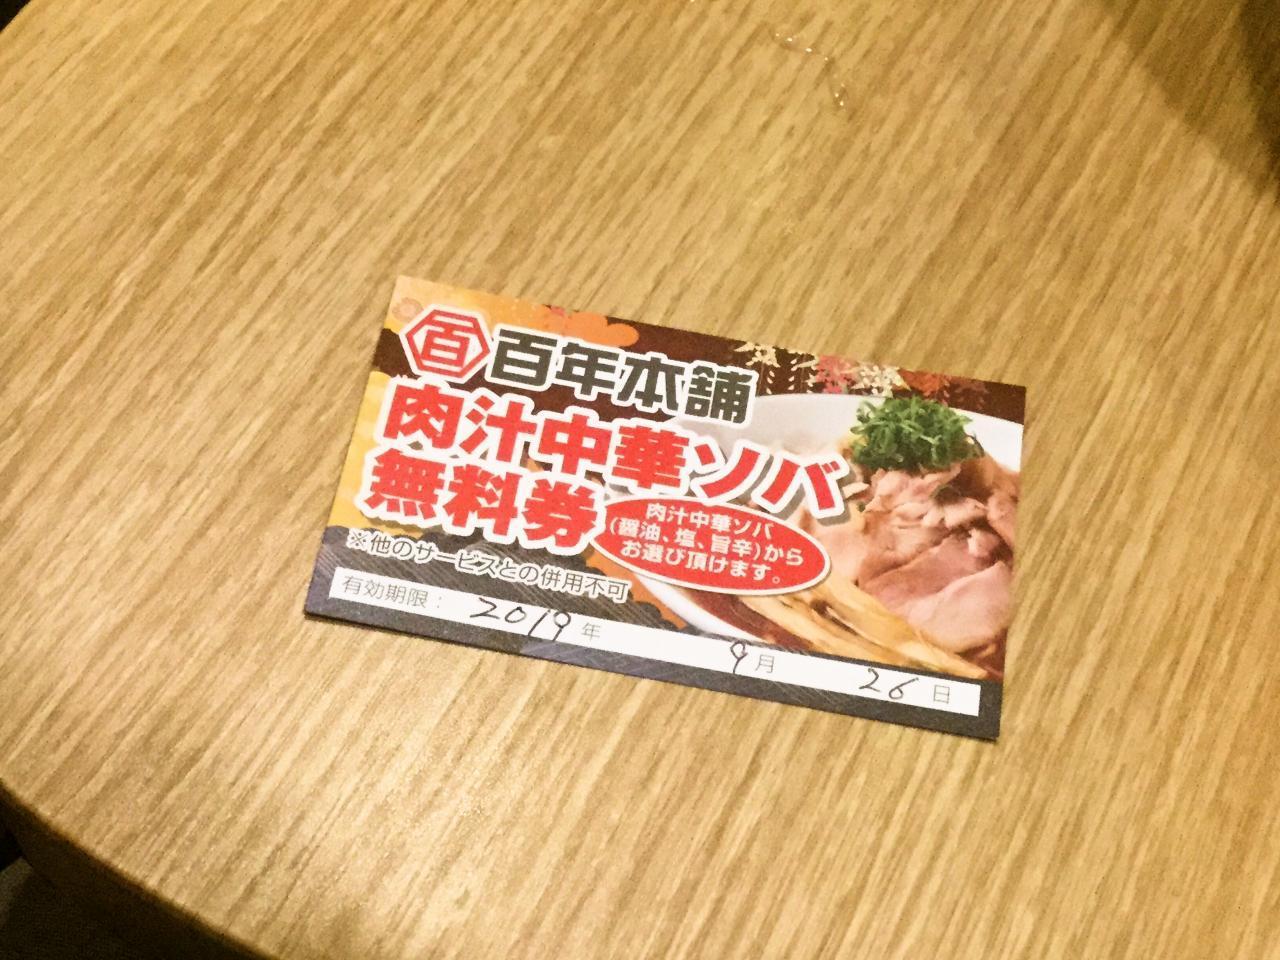 百年本舗 秋葉原総本店(レッドクリフ)